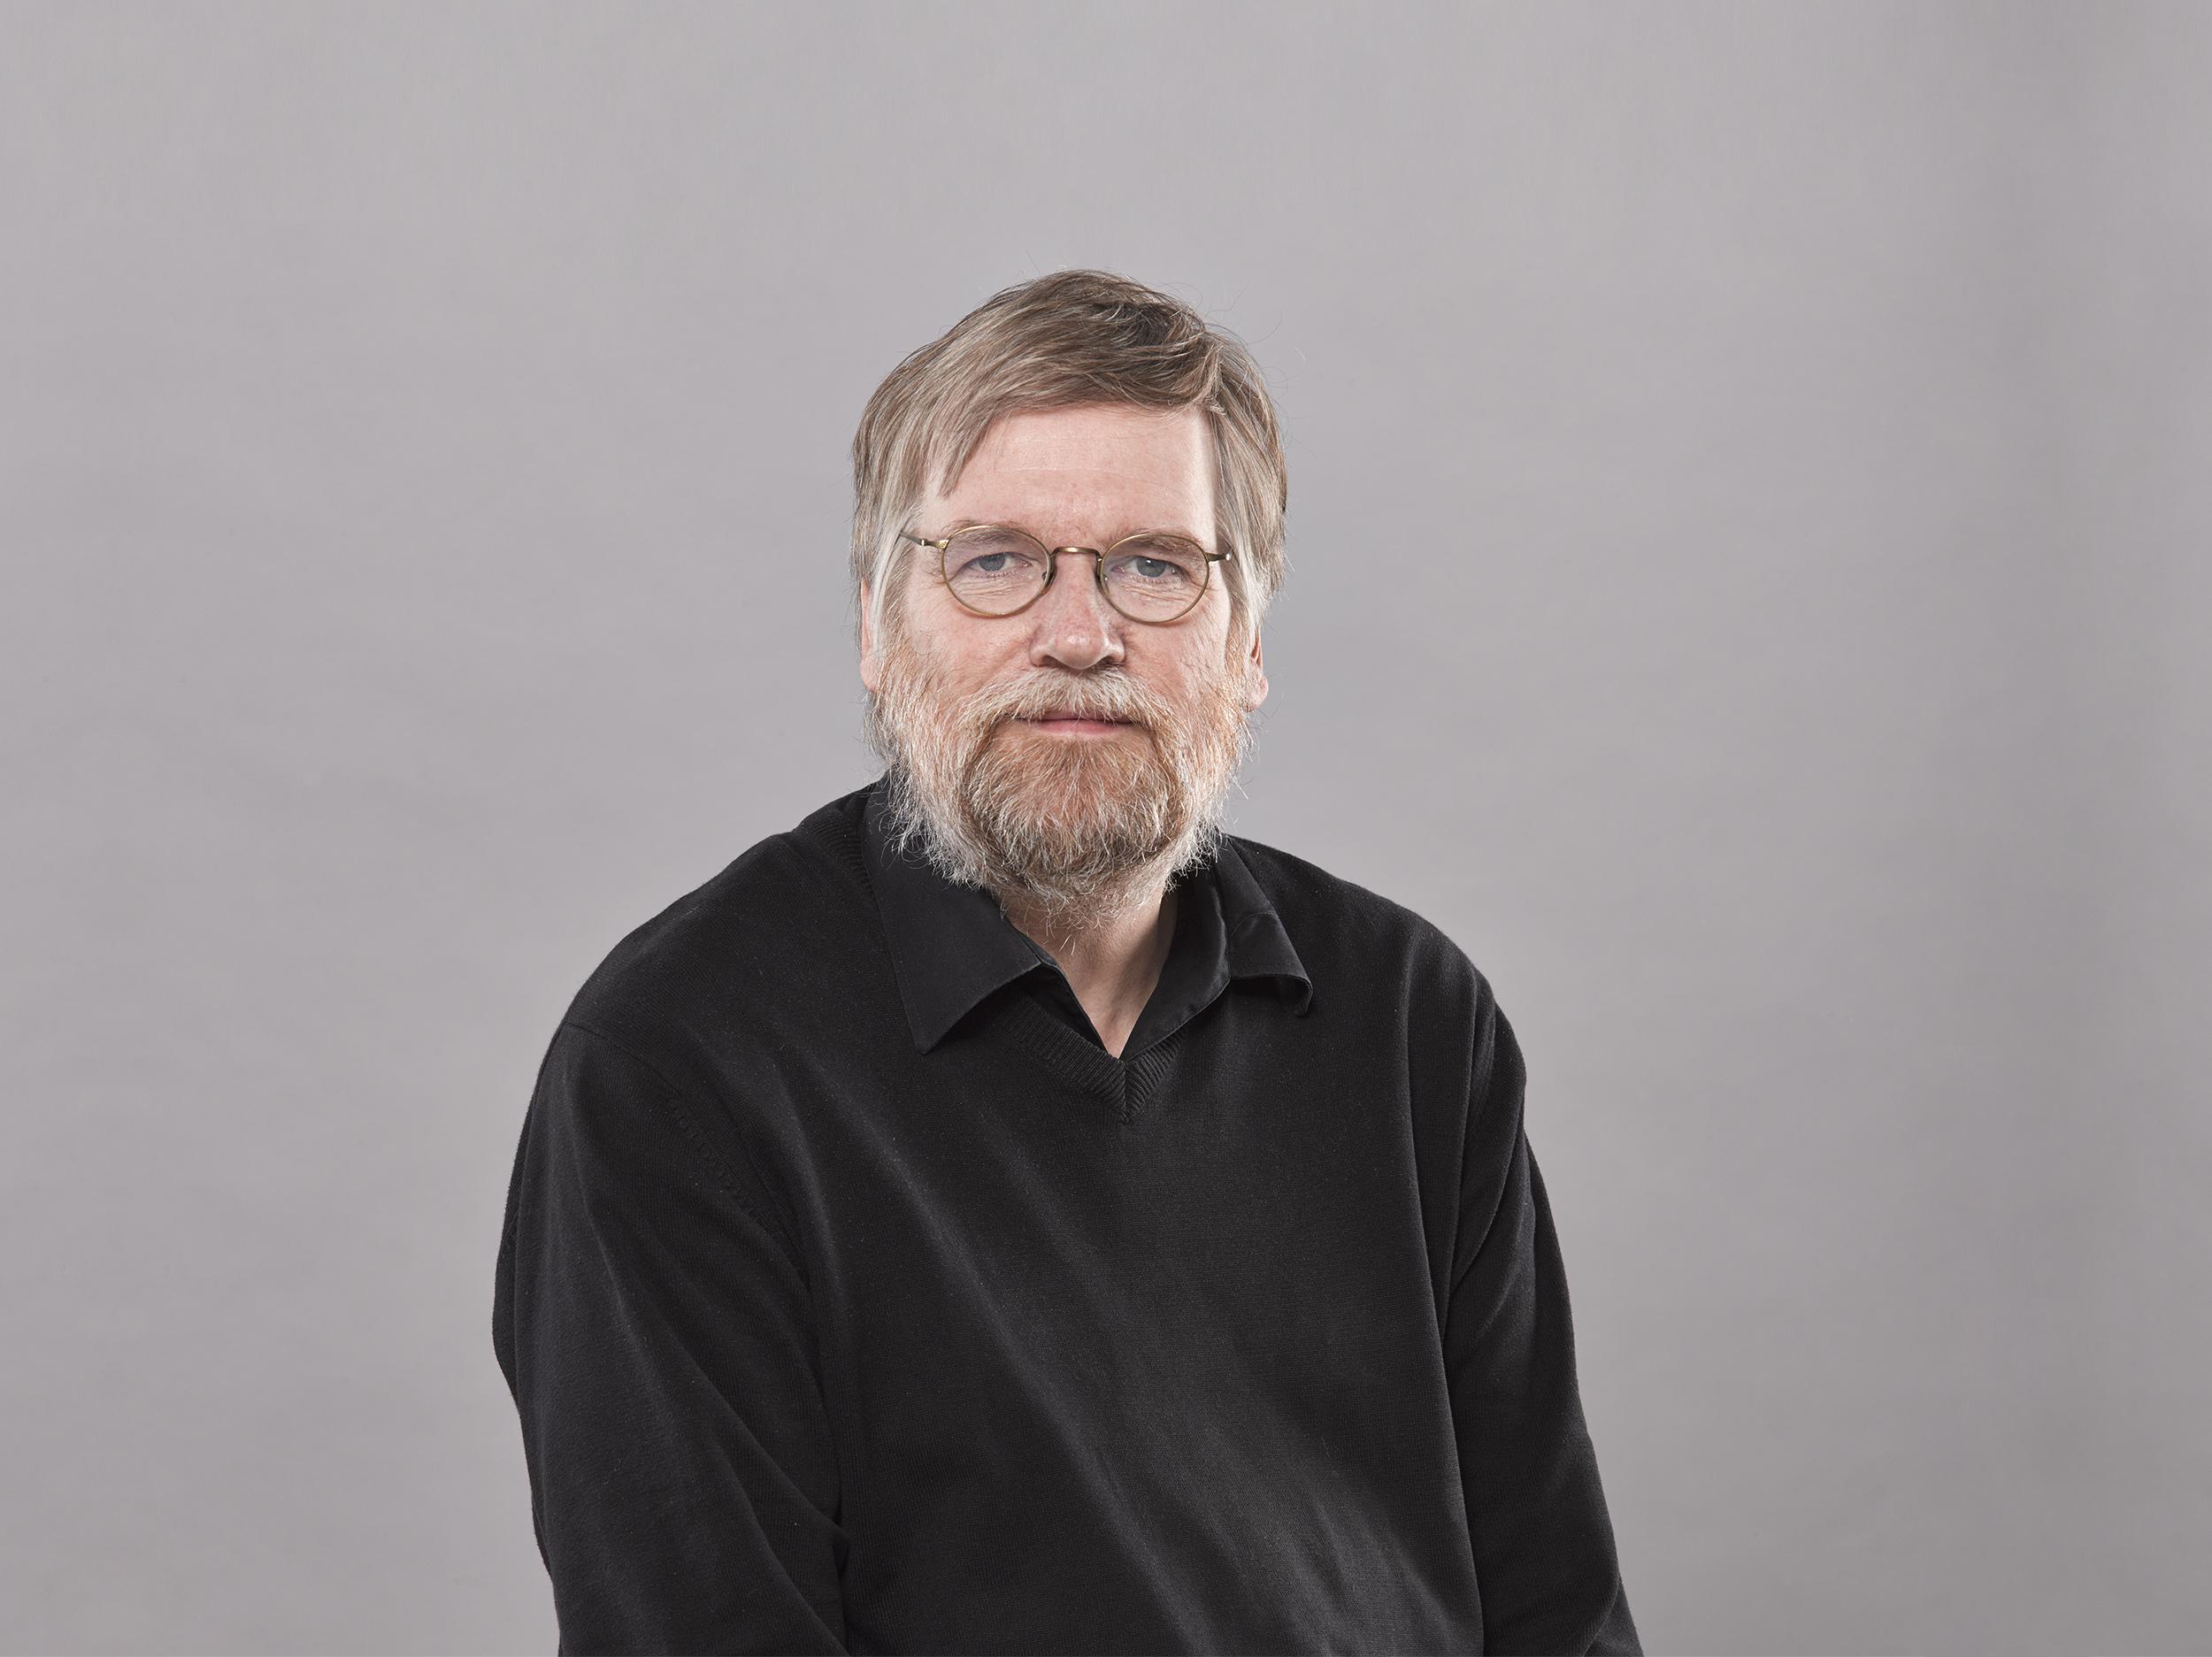 Prof. Markus Hettlich